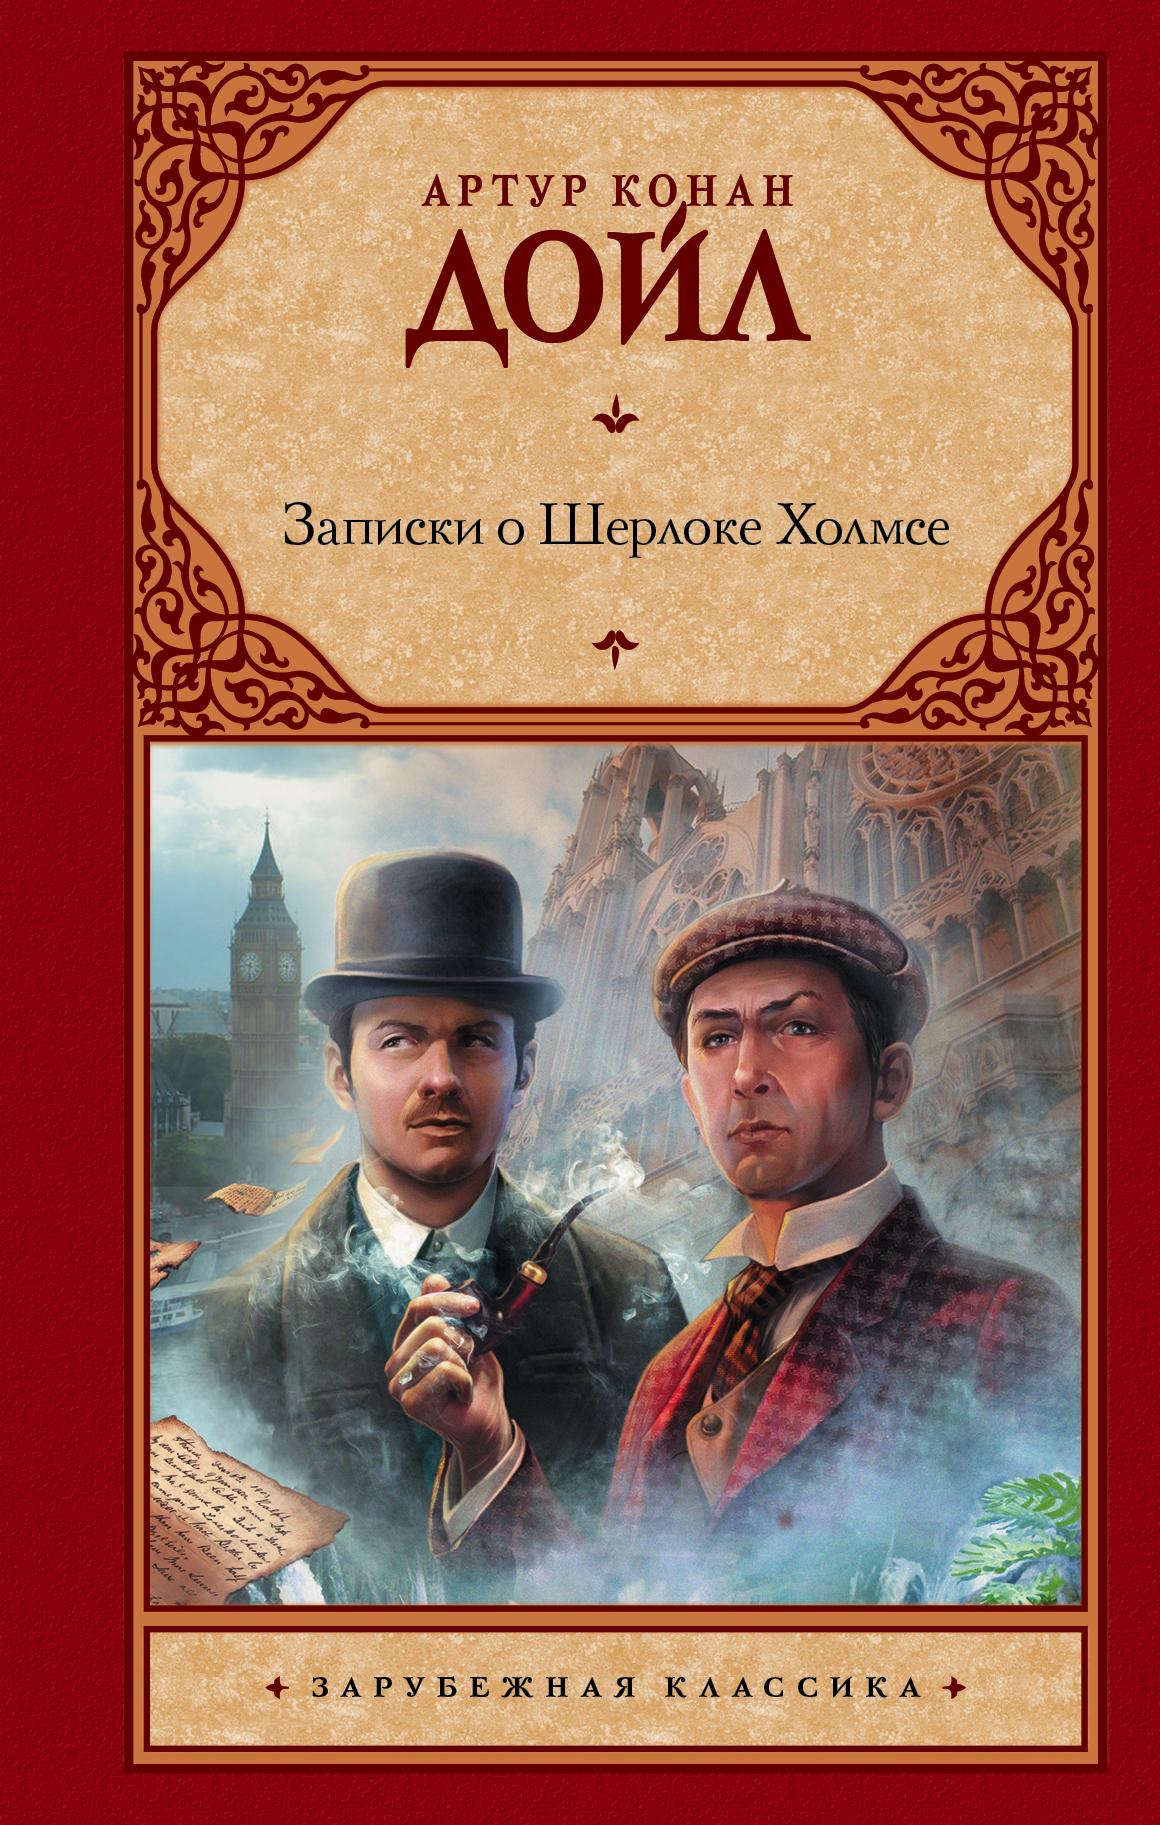 Фото Дойл А.К. Записки о Шерлоке Холмсе ISBN: 978-5-17-071598-5